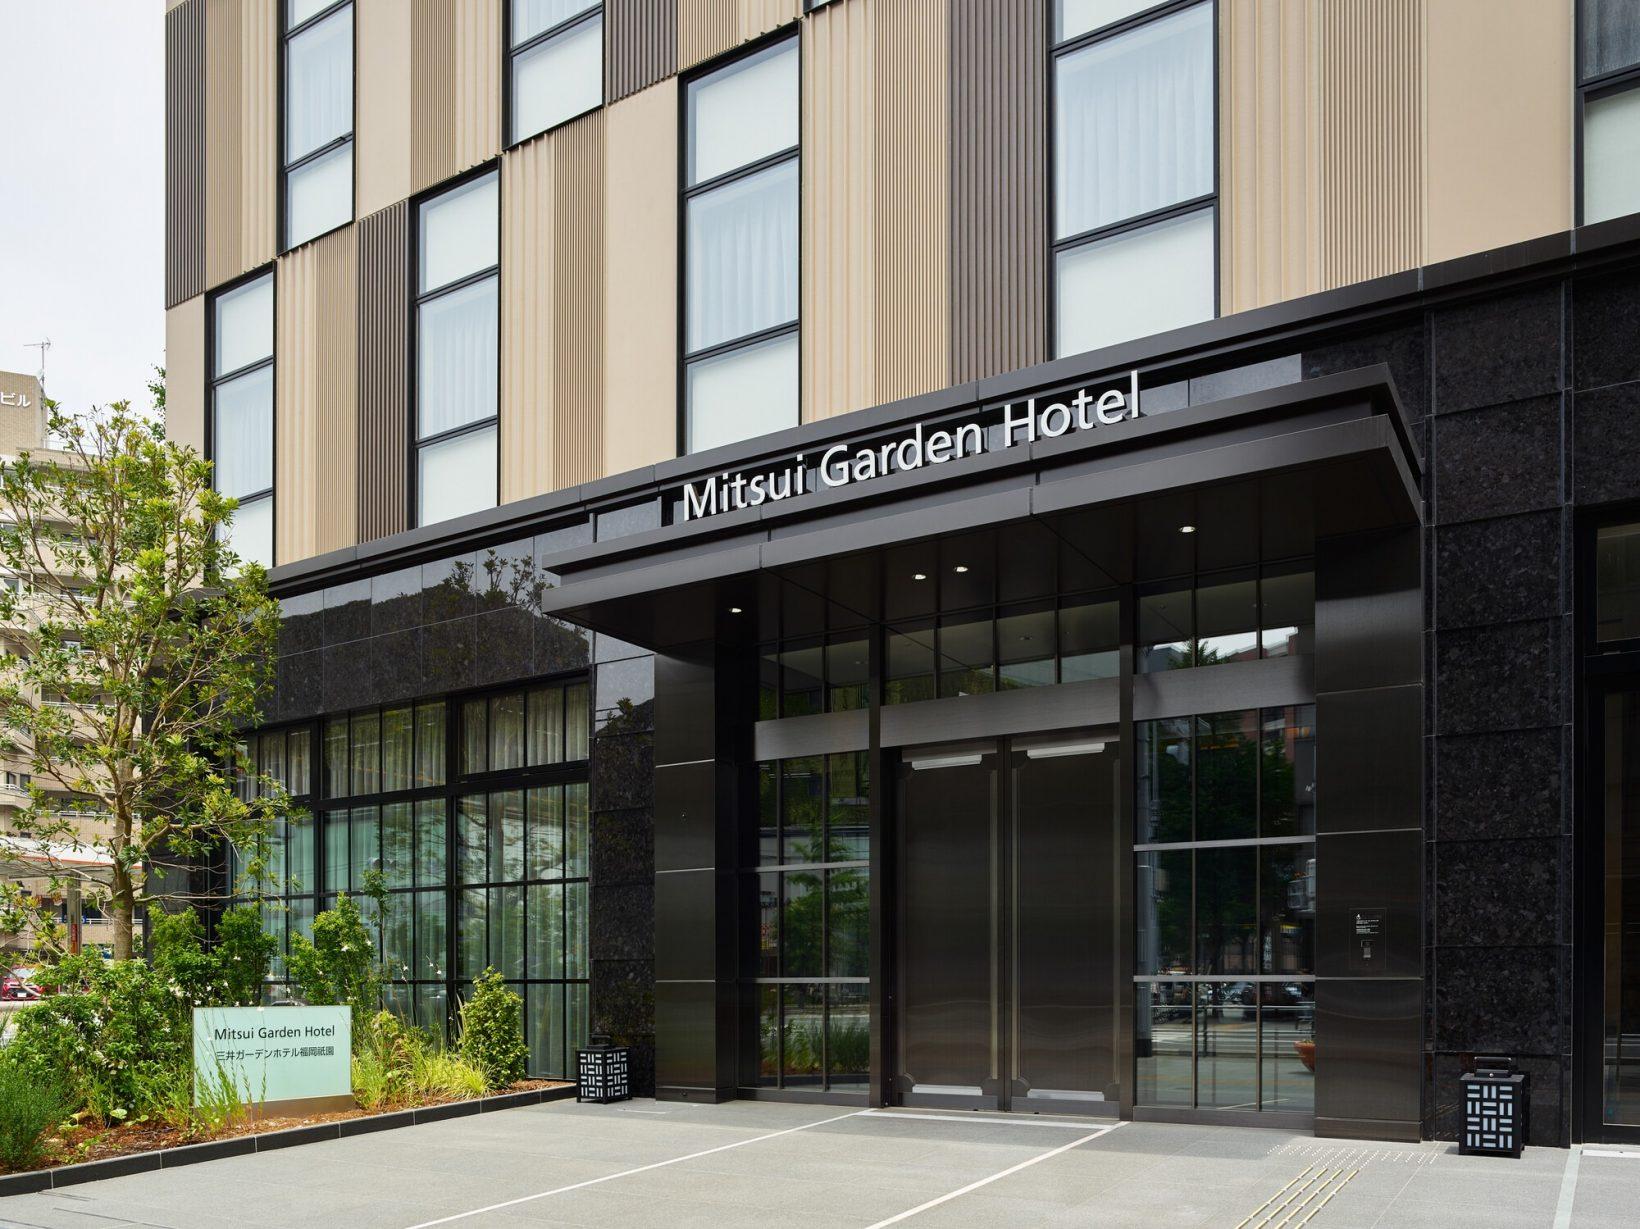 「三井ガーデンホテル」の地方7ホテルを提携拠点に!